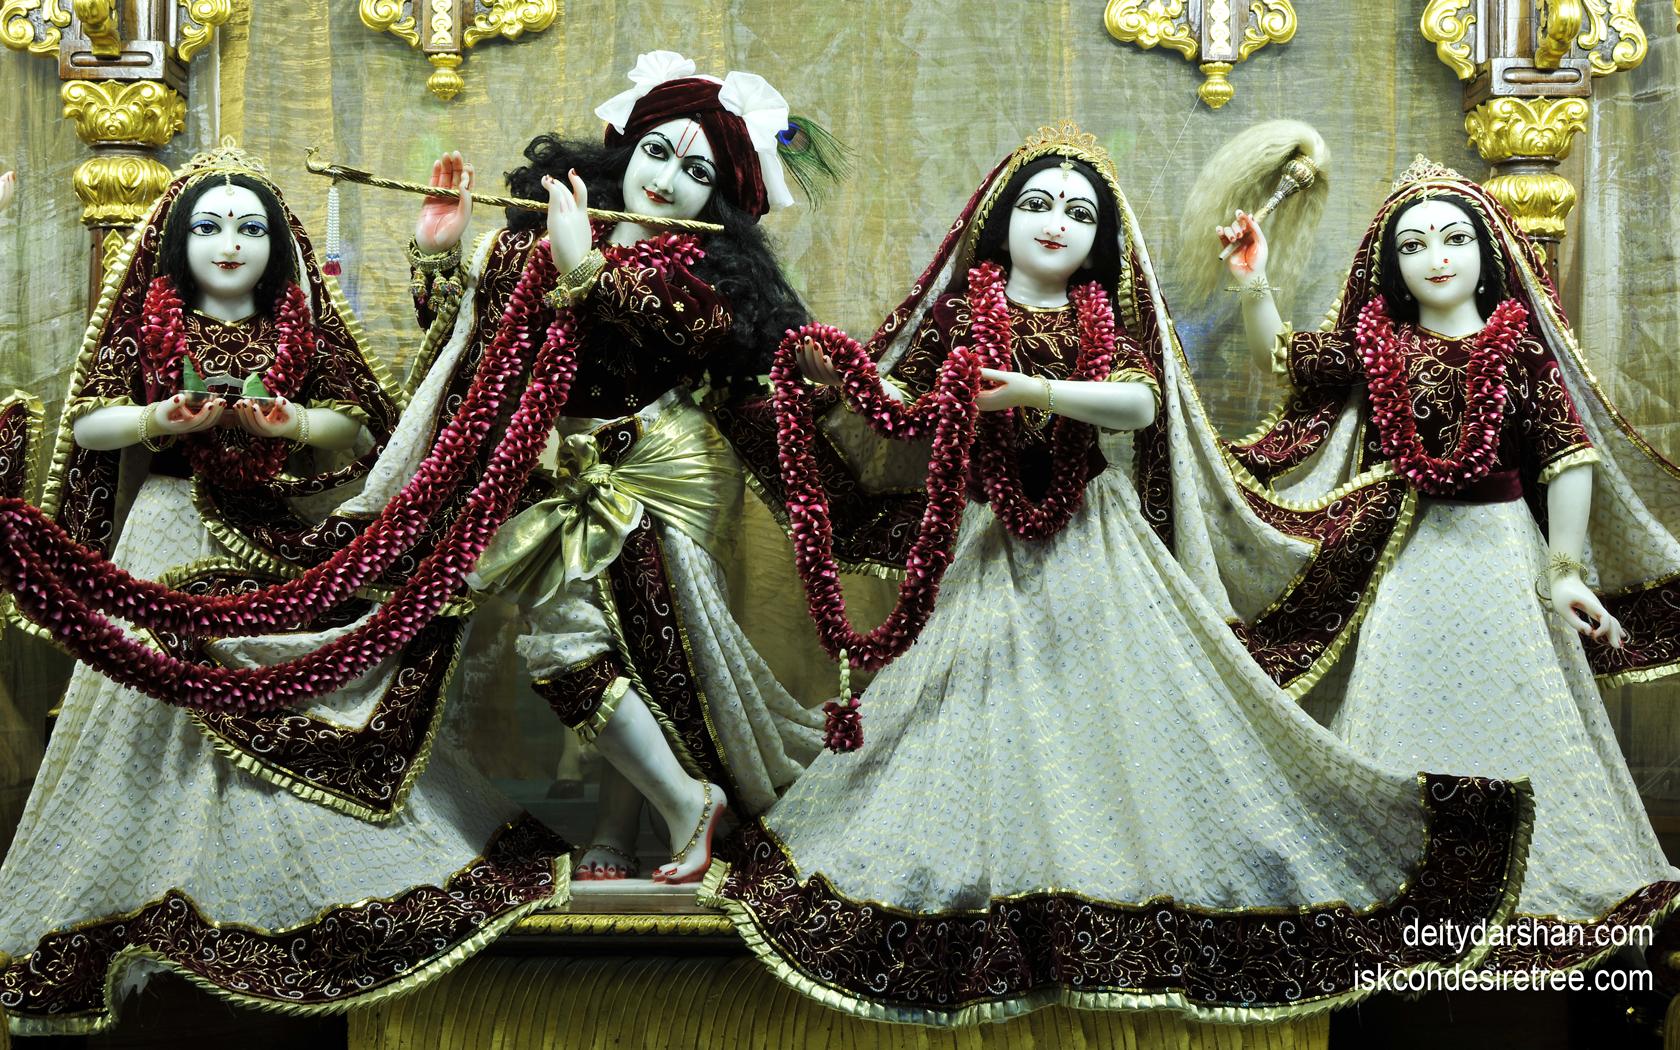 Sri Sri Radha Gopinath Lalita Vishakha Wallpaper (035) Size 1680x1050 Download